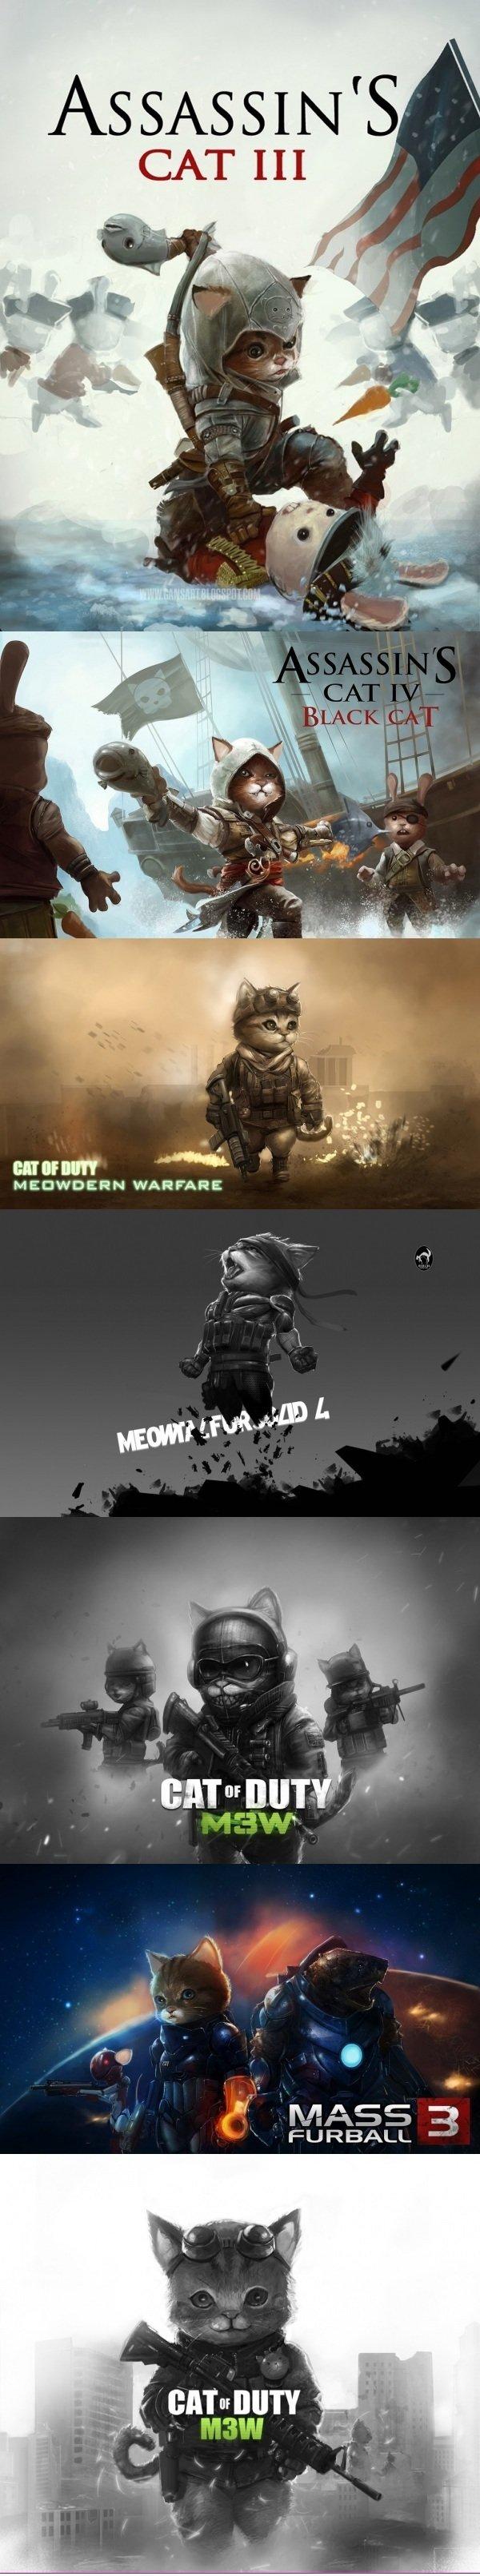 Не жестокие игры - Изображение 1